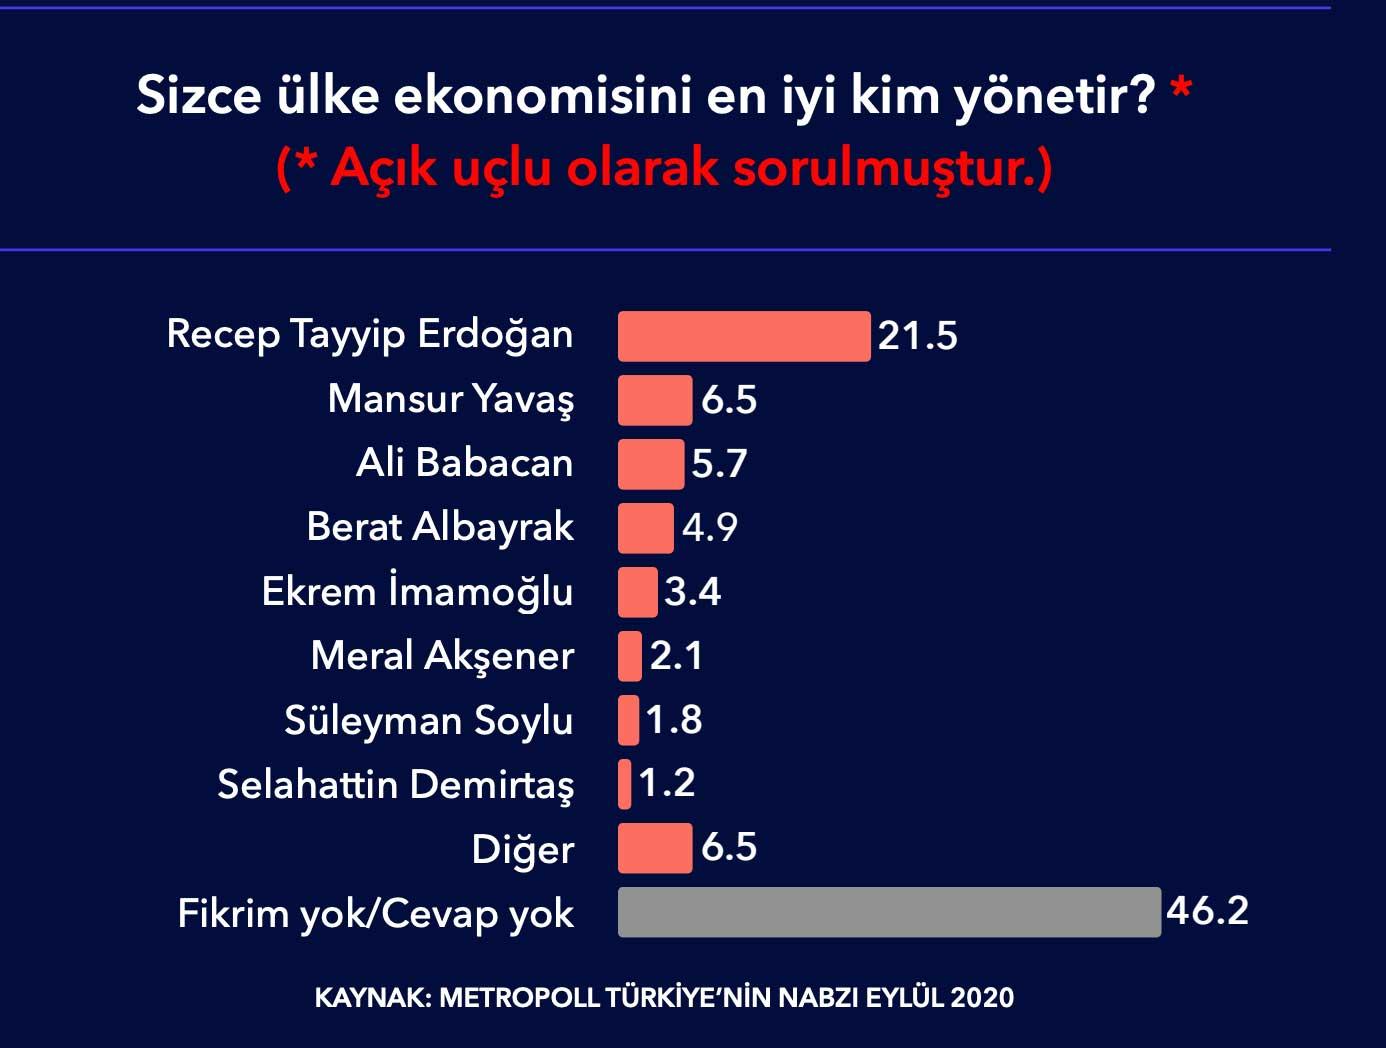 Anket: Halkın yalnızca yüzde 4,9'u ekonomiyi en iyi Berat Albayrak'ın yöneteceğini düşünüyor